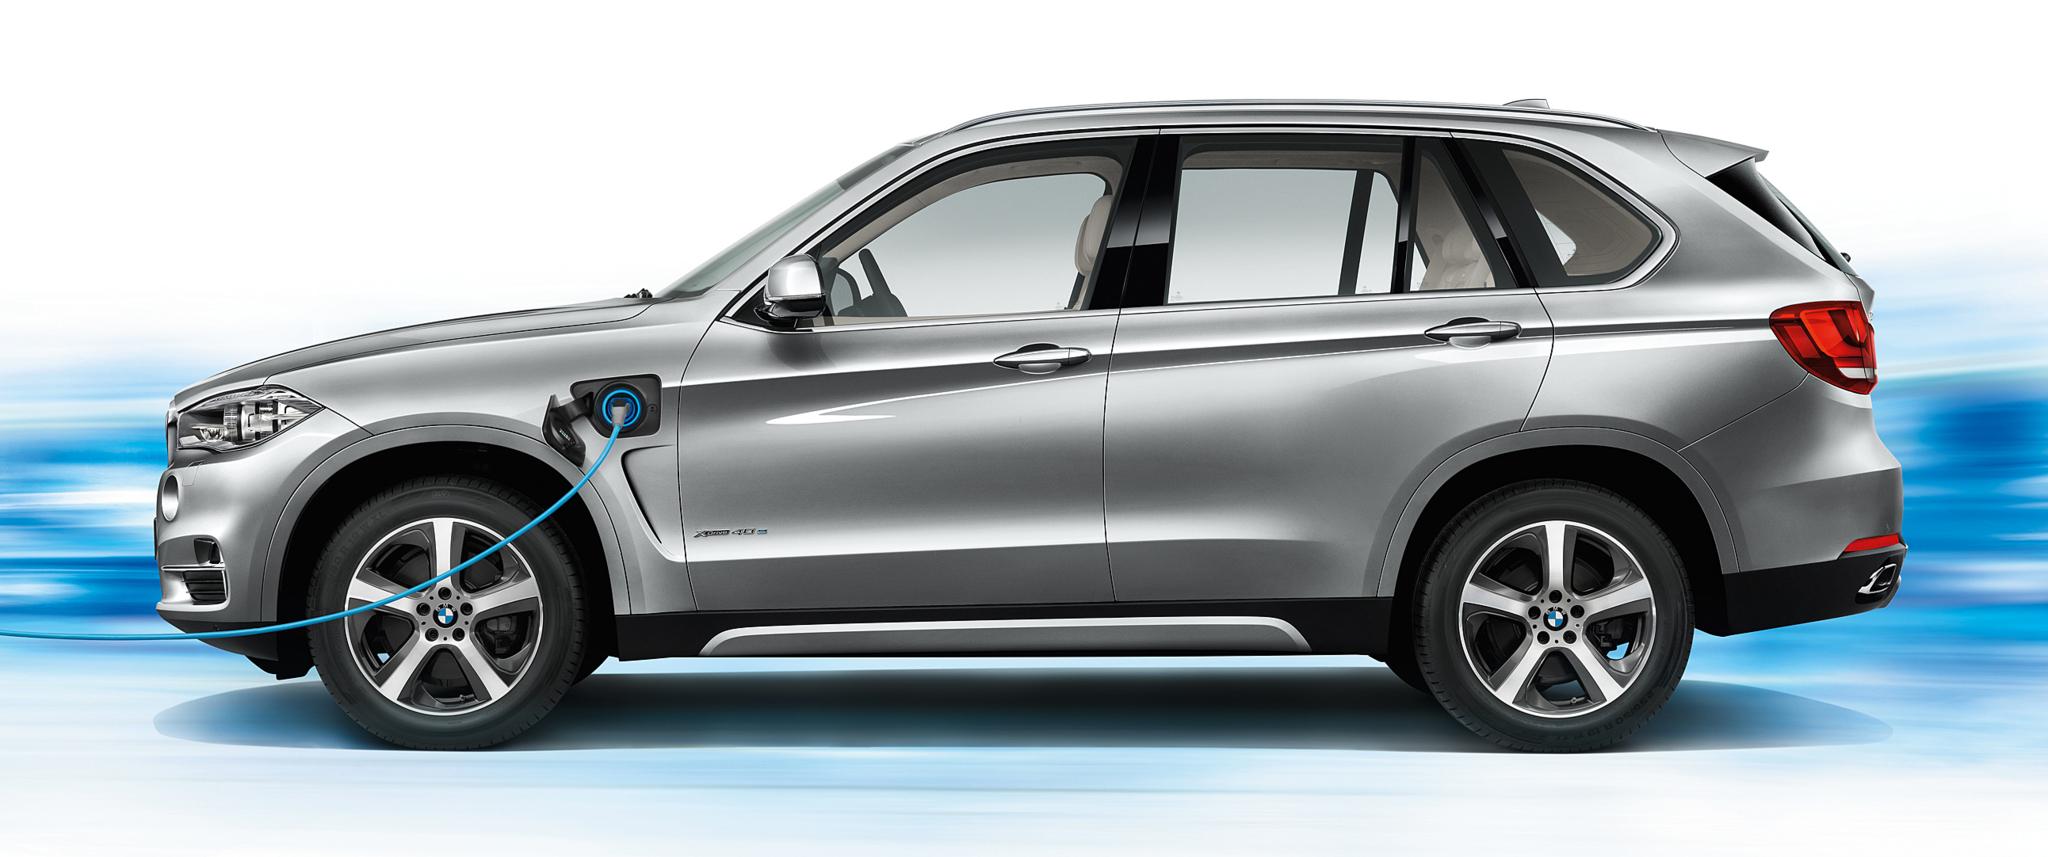 Los modelos de BMW tendrán variantes híbridas